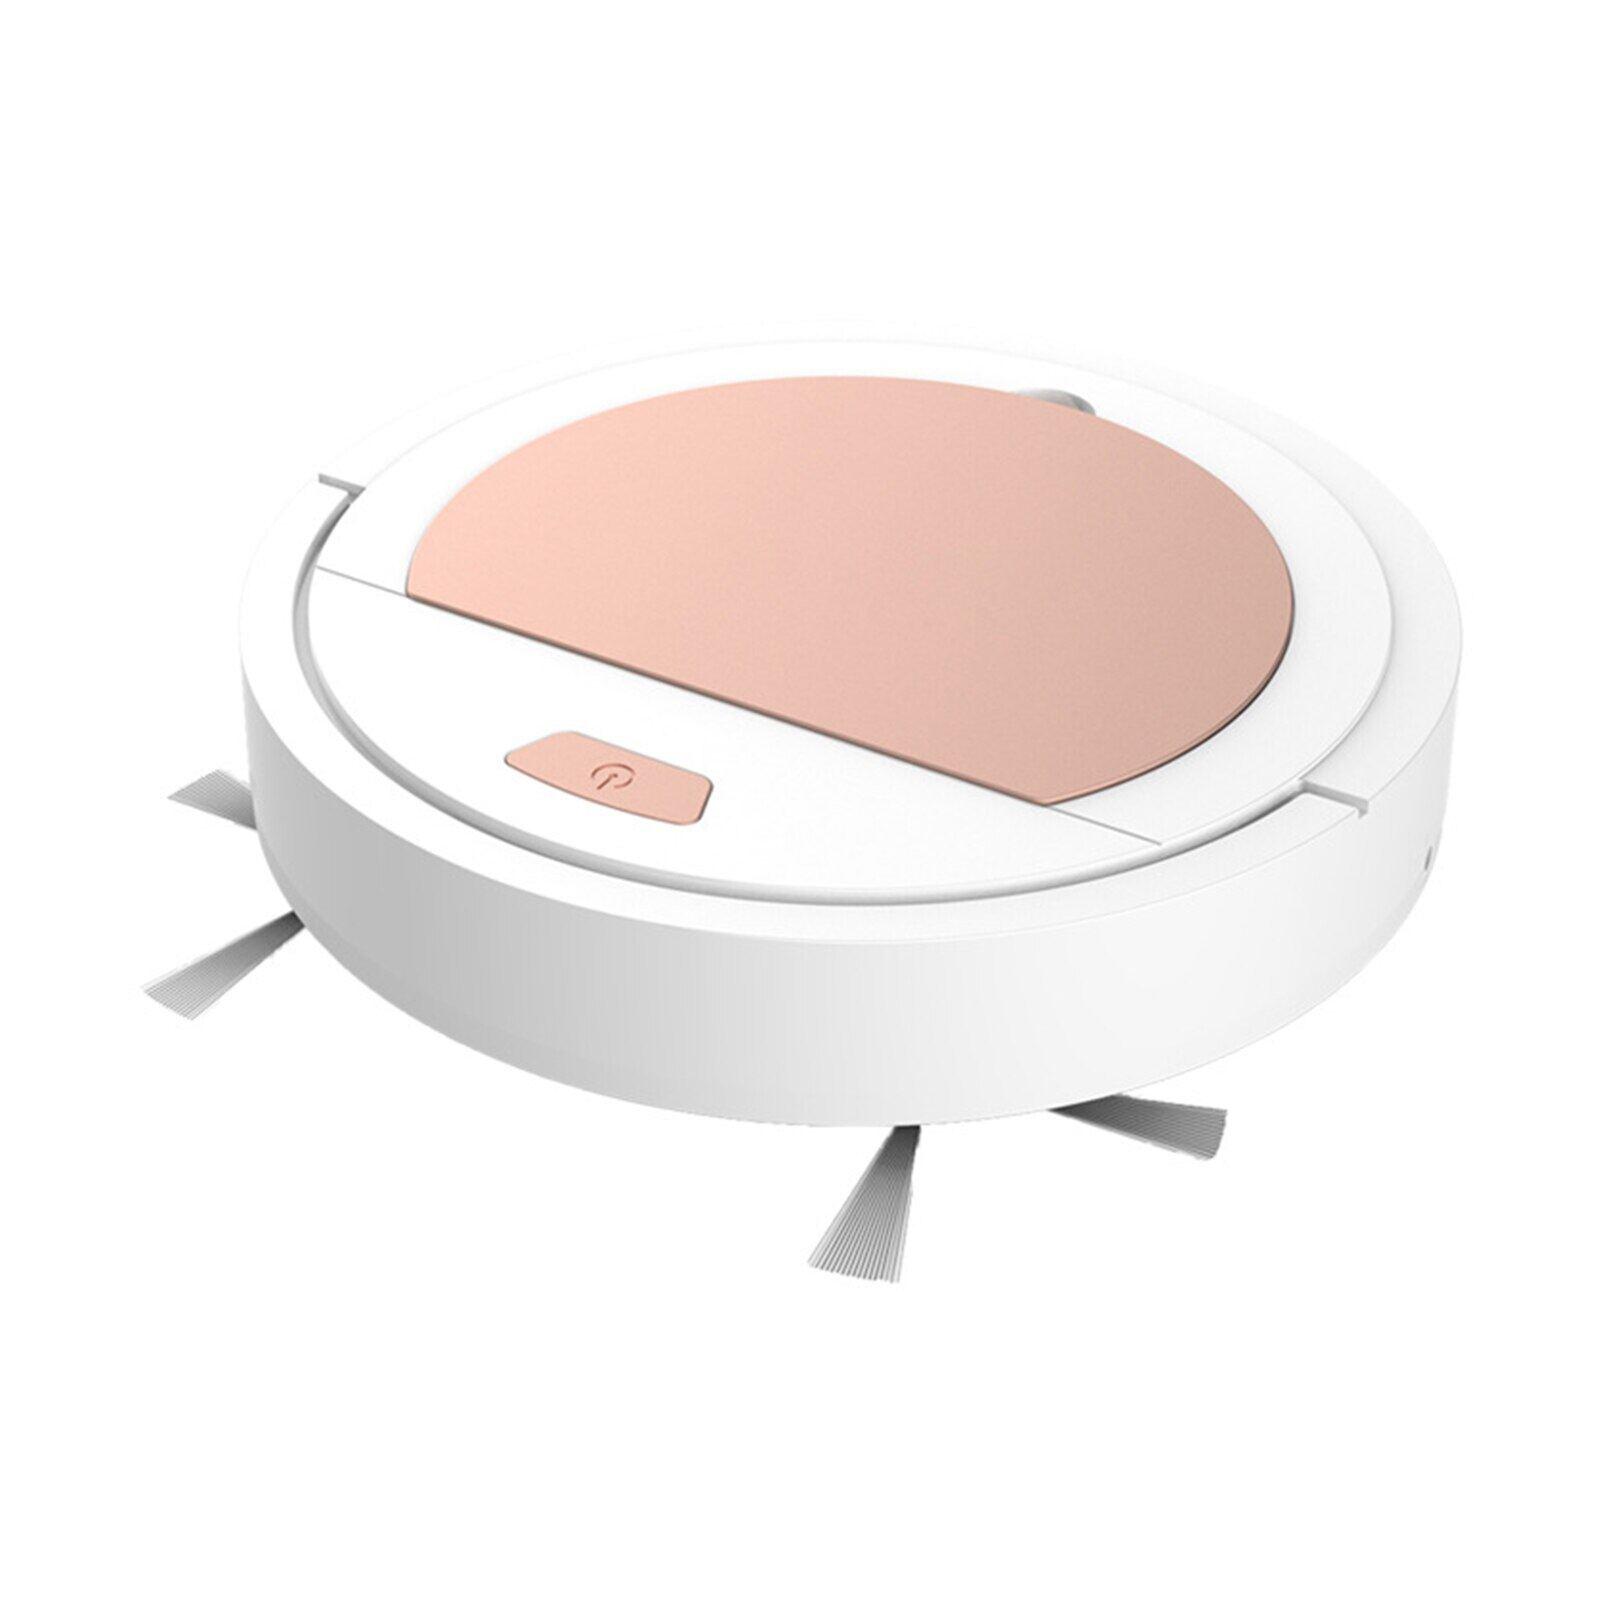 สีขาวเครื่องดูดฝุ่นหุ่นยนต์ Otomatis หุ่นยนต์สมาร์ทไร้สายการสนทนา1800Pa Hisap Yang Kuat Tinggi Cakupan L Kering Basah Mesin Pembersih